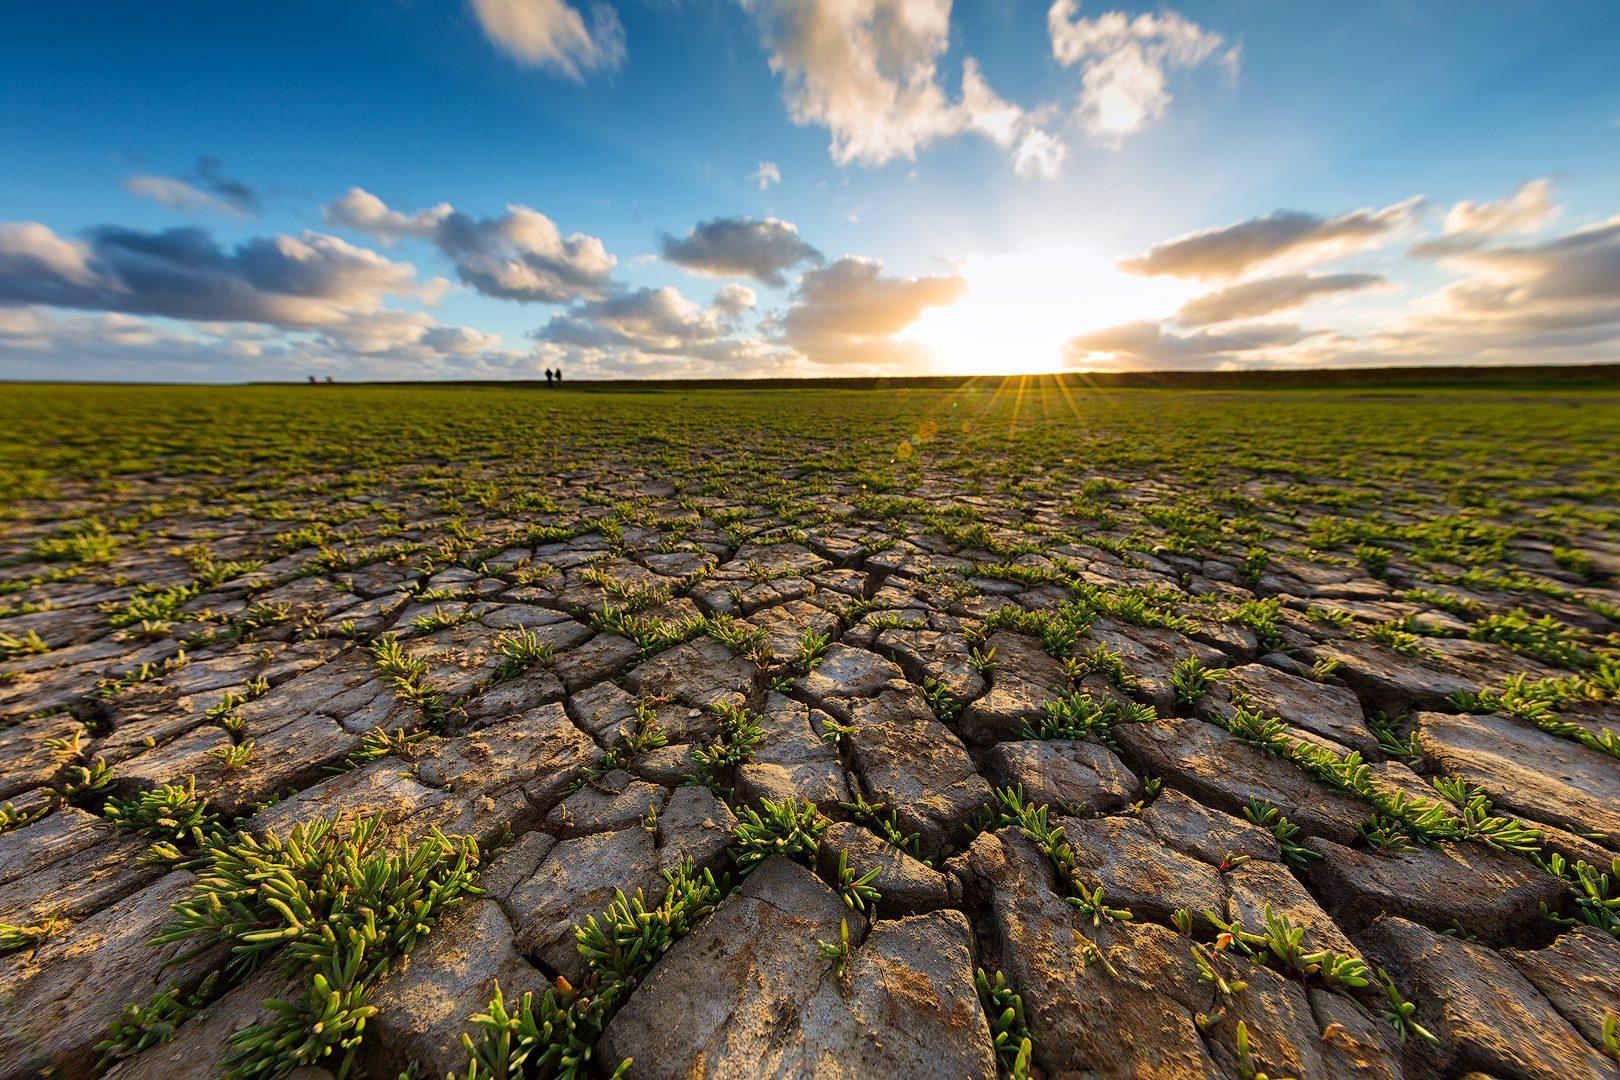 landschap-droogte-natuur-zon